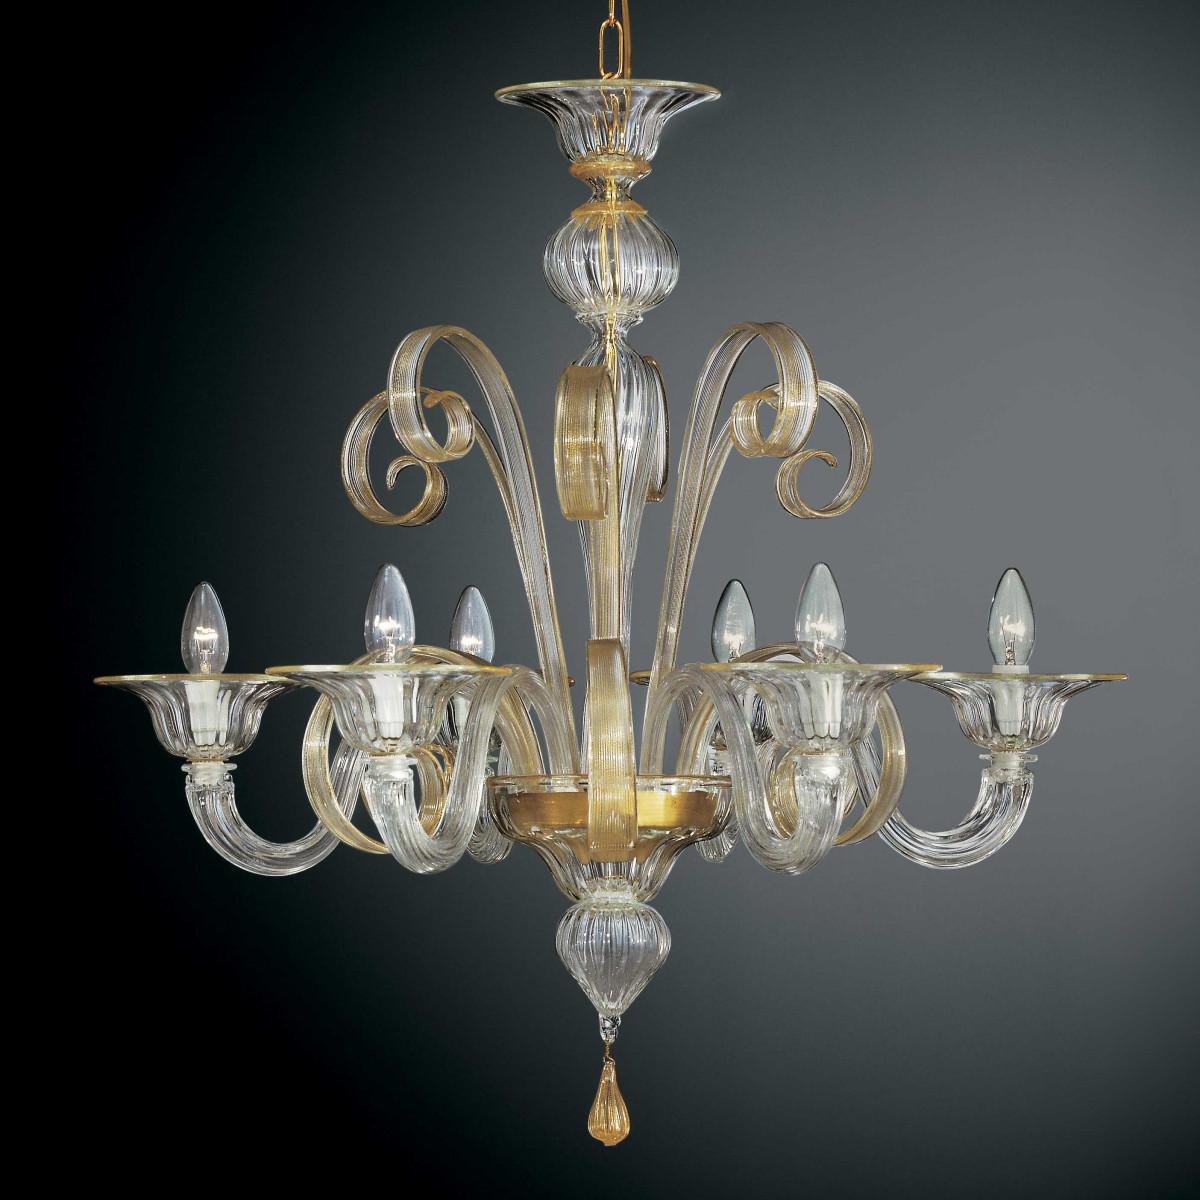 Goldoni 6 luces lampara de Murano - color transparente oro